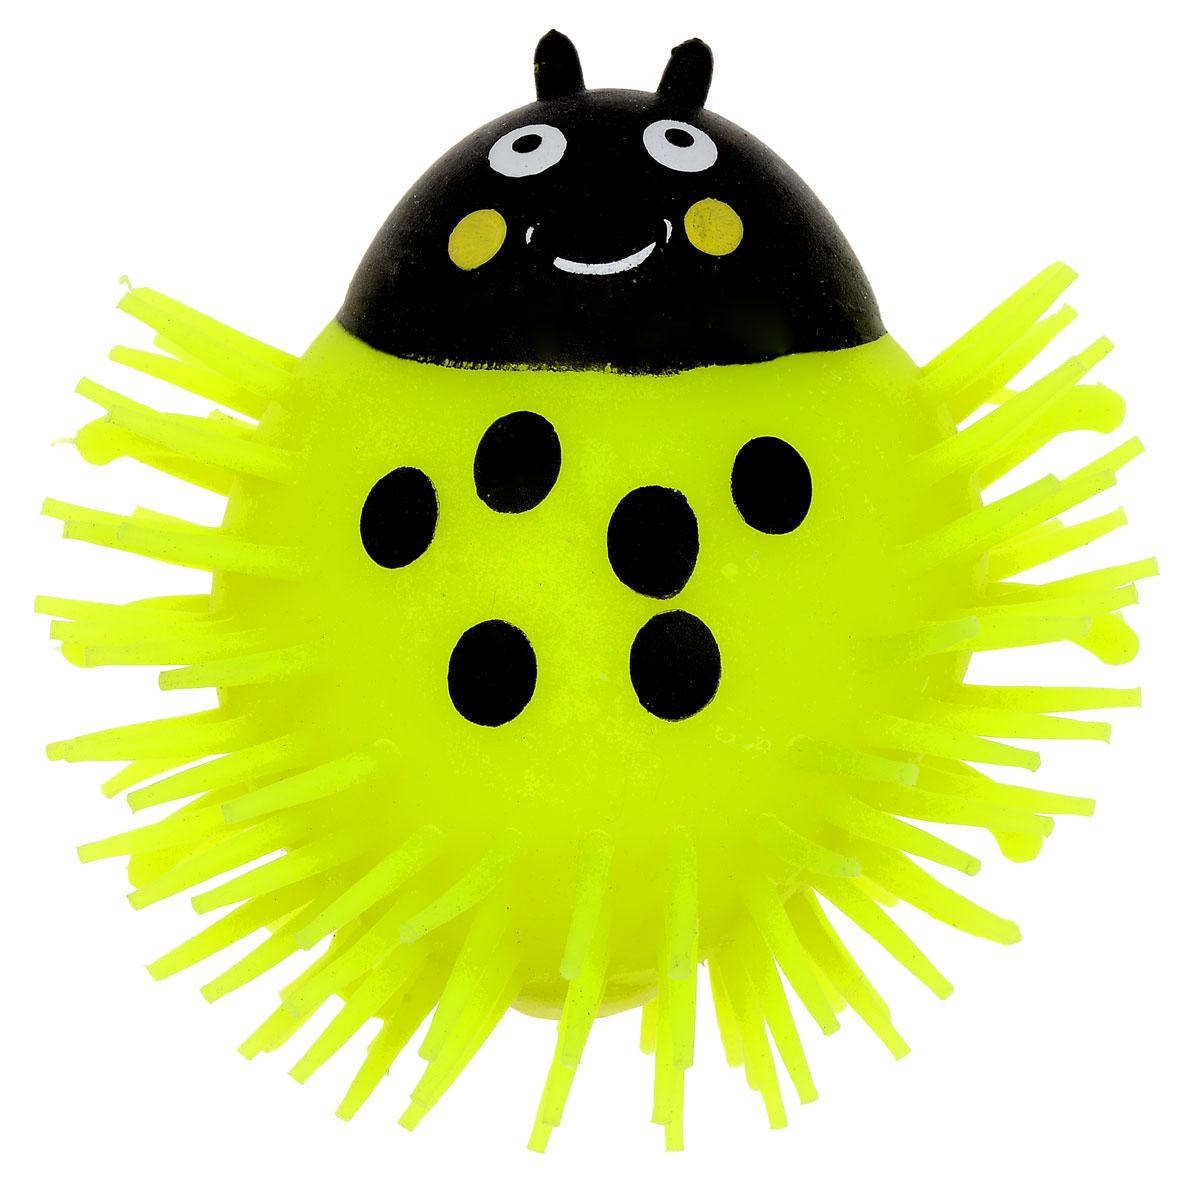 1TOY Игрушка-антистресс Ё-Ёжик Жук цвет желтый 1toy игрушка антистресс ё ёжик животное цвет бежевый